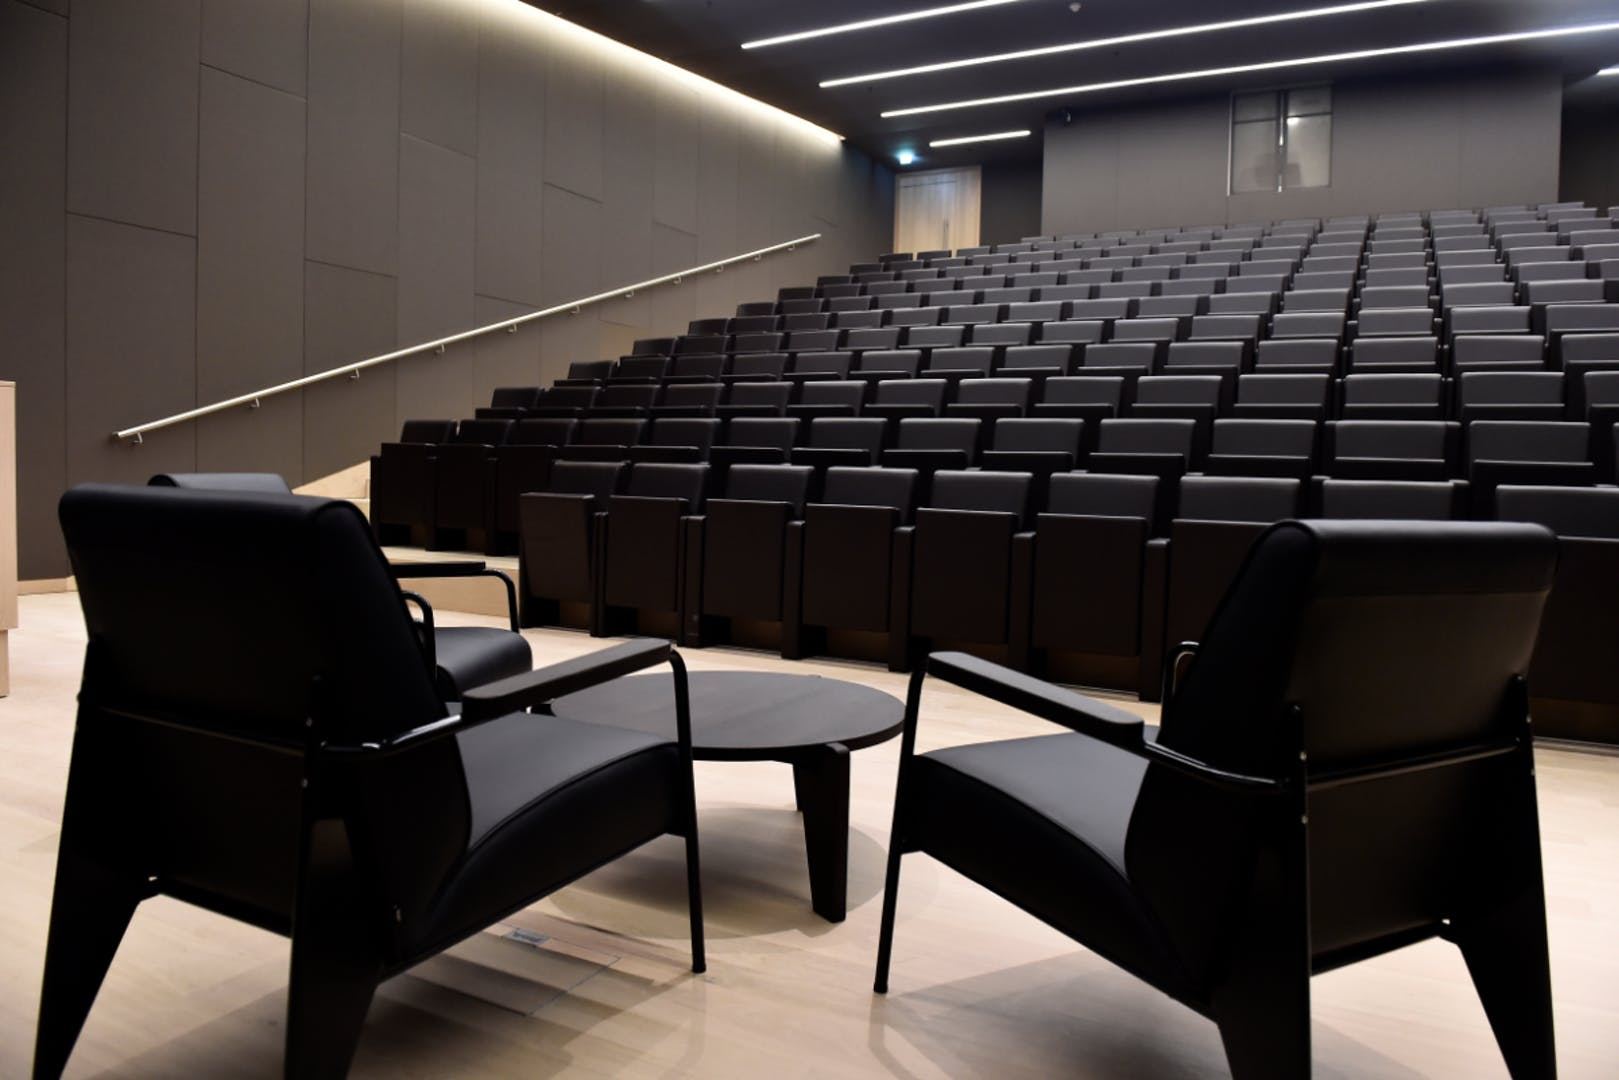 Bakala Auditorium Business The Design Museum